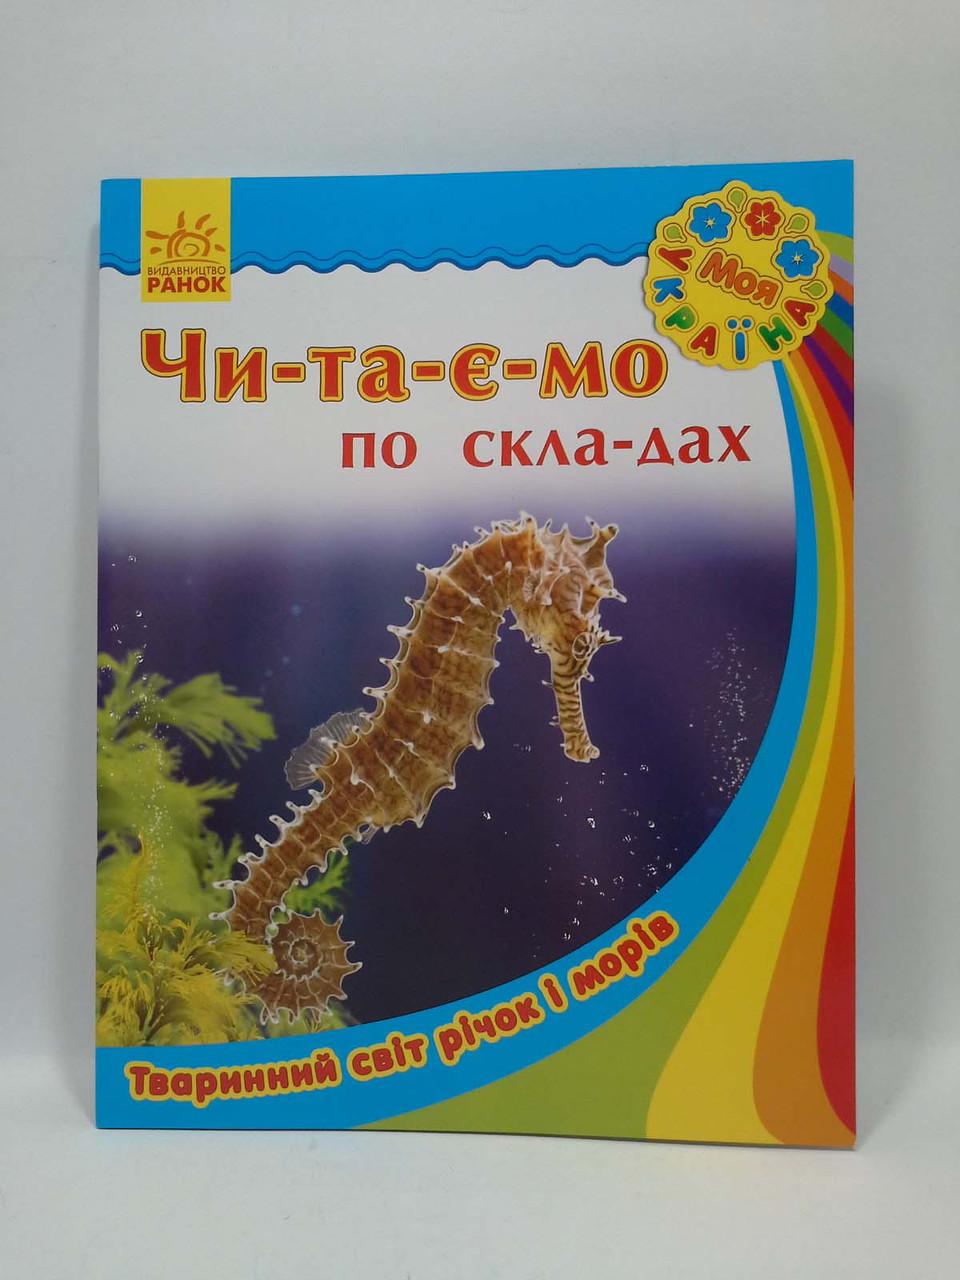 Ранок Моя Україна Читаємо по складах Тваринний світ річок і морів